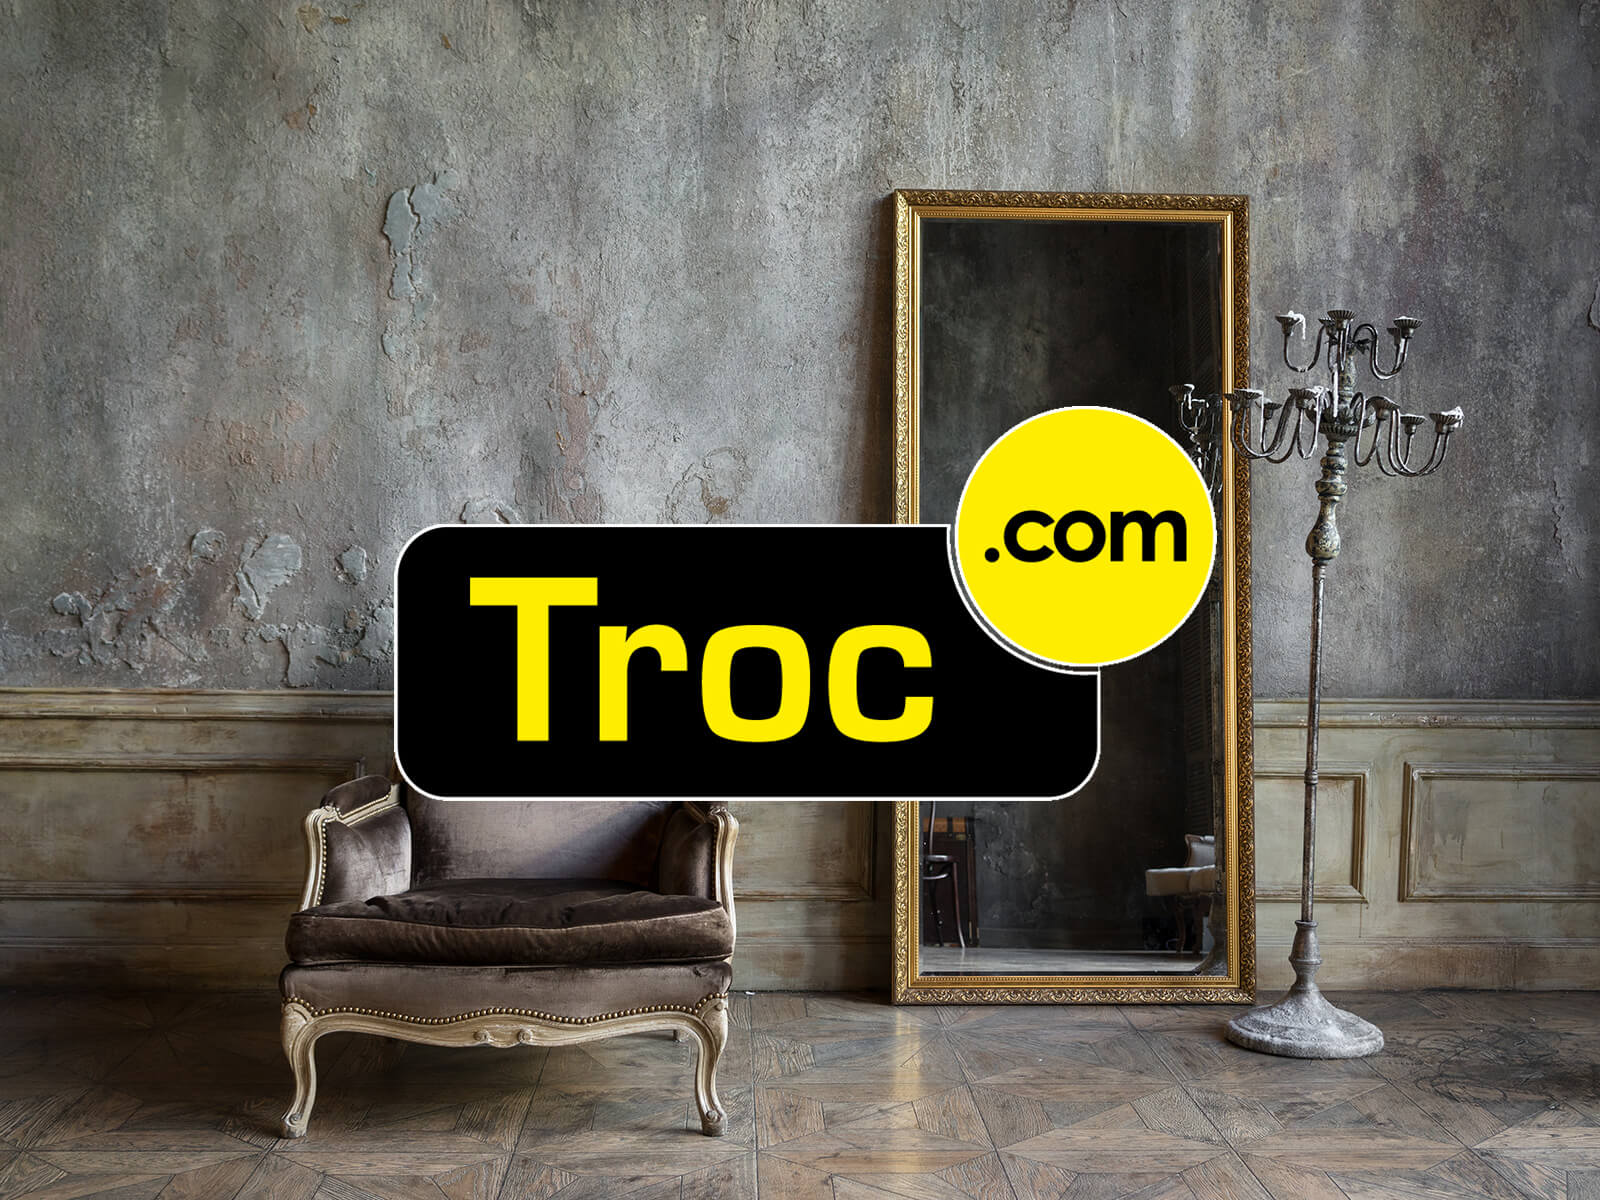 Déco occasion - Achat vente de tous produits d'occasion sur Troc.com